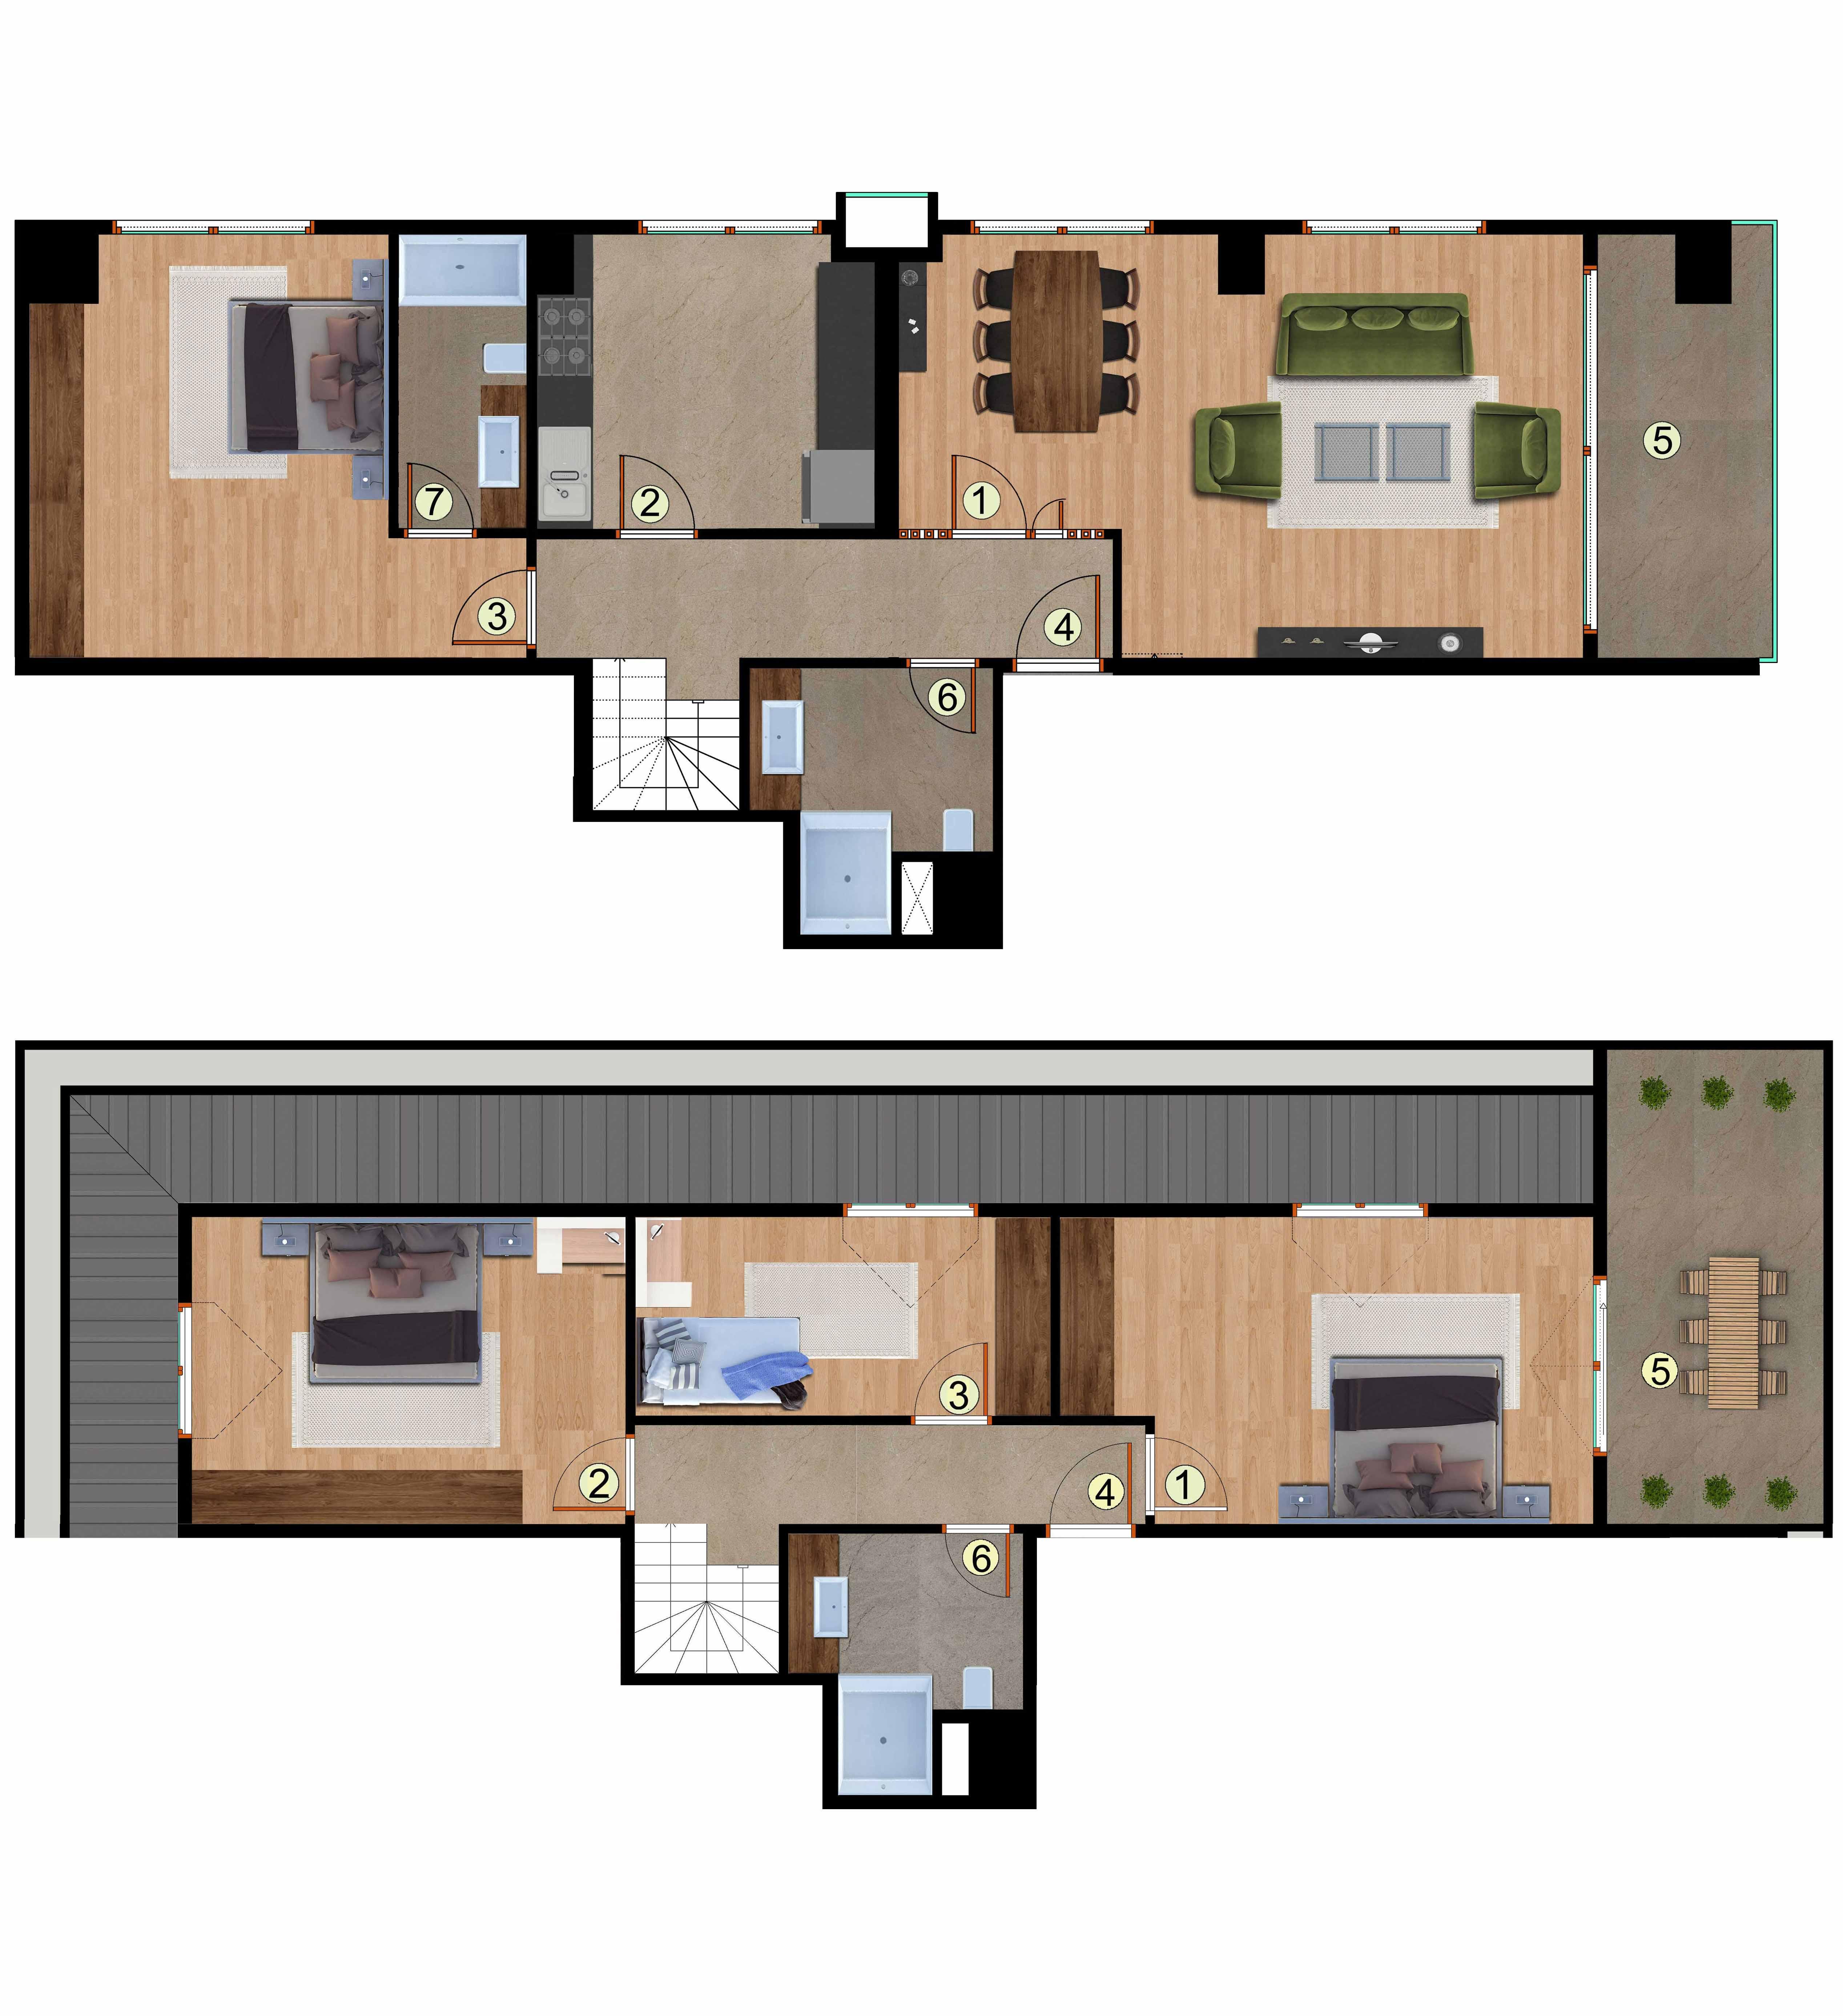 Indoor Plans